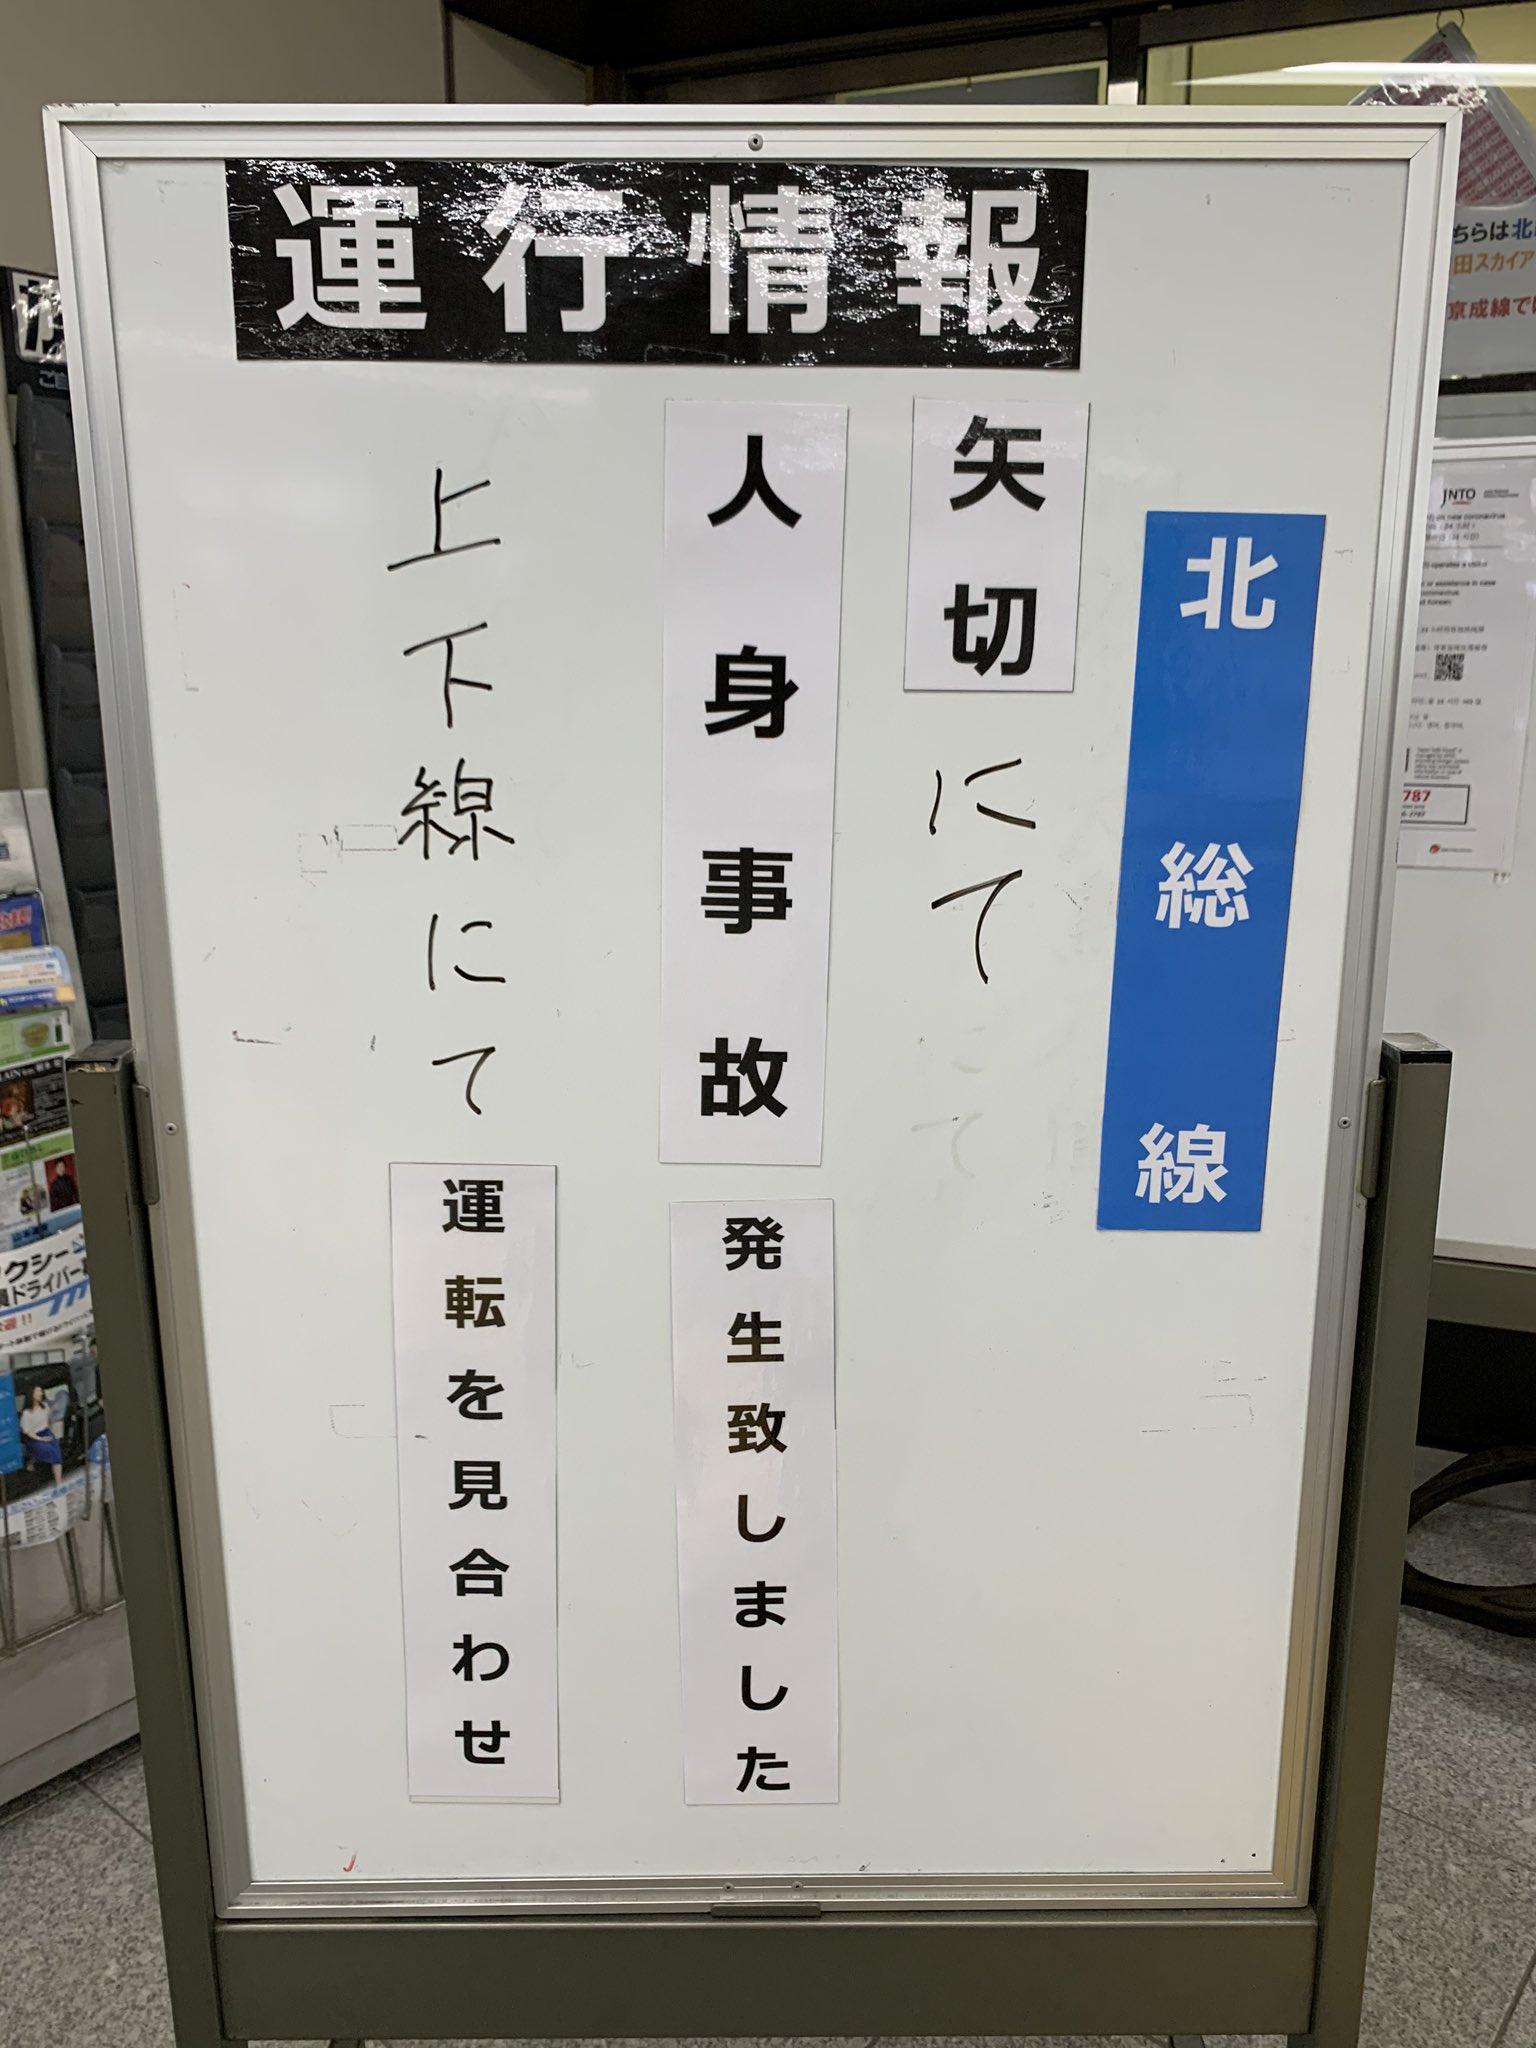 北総線の矢切駅で人身事故が起きた掲示板の画像